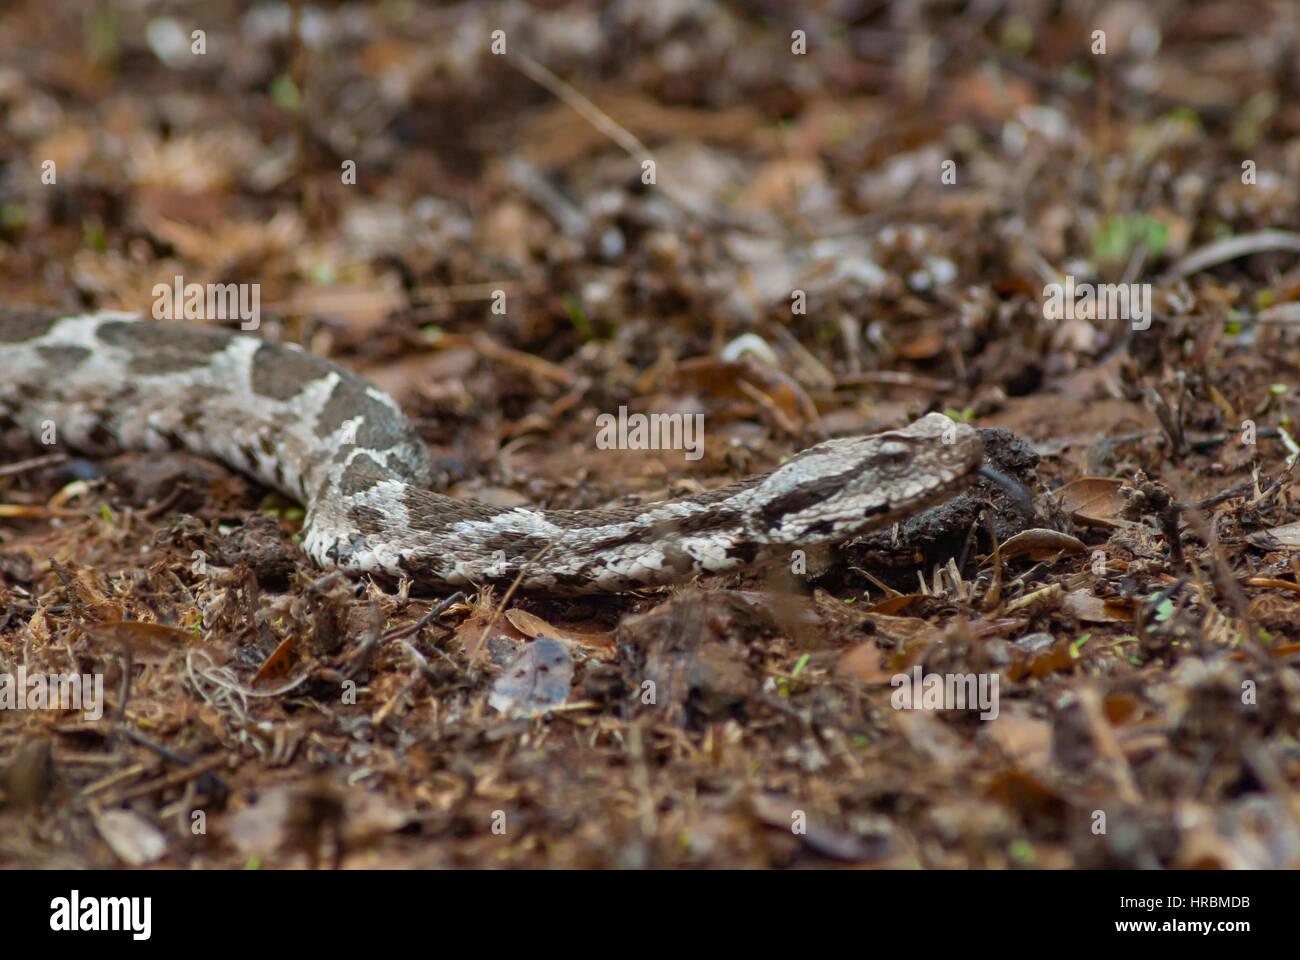 Brun Gris serpent glissant dans la forêt. scène ormanda kahverengi gri yilan Banque D'Images